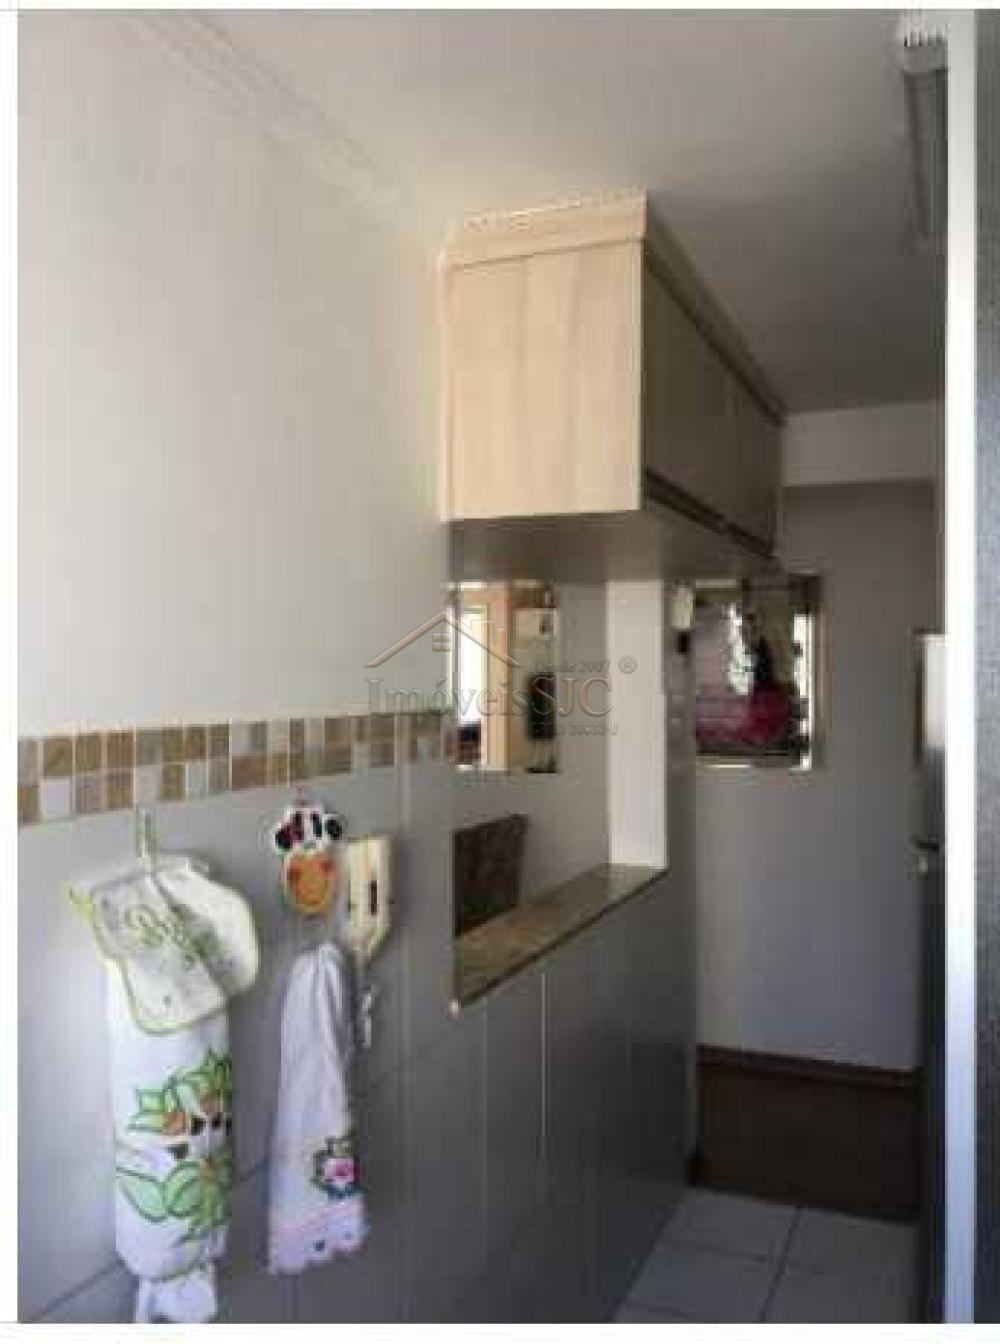 Comprar Apartamentos / Padrão em São José dos Campos apenas R$ 215.000,00 - Foto 11